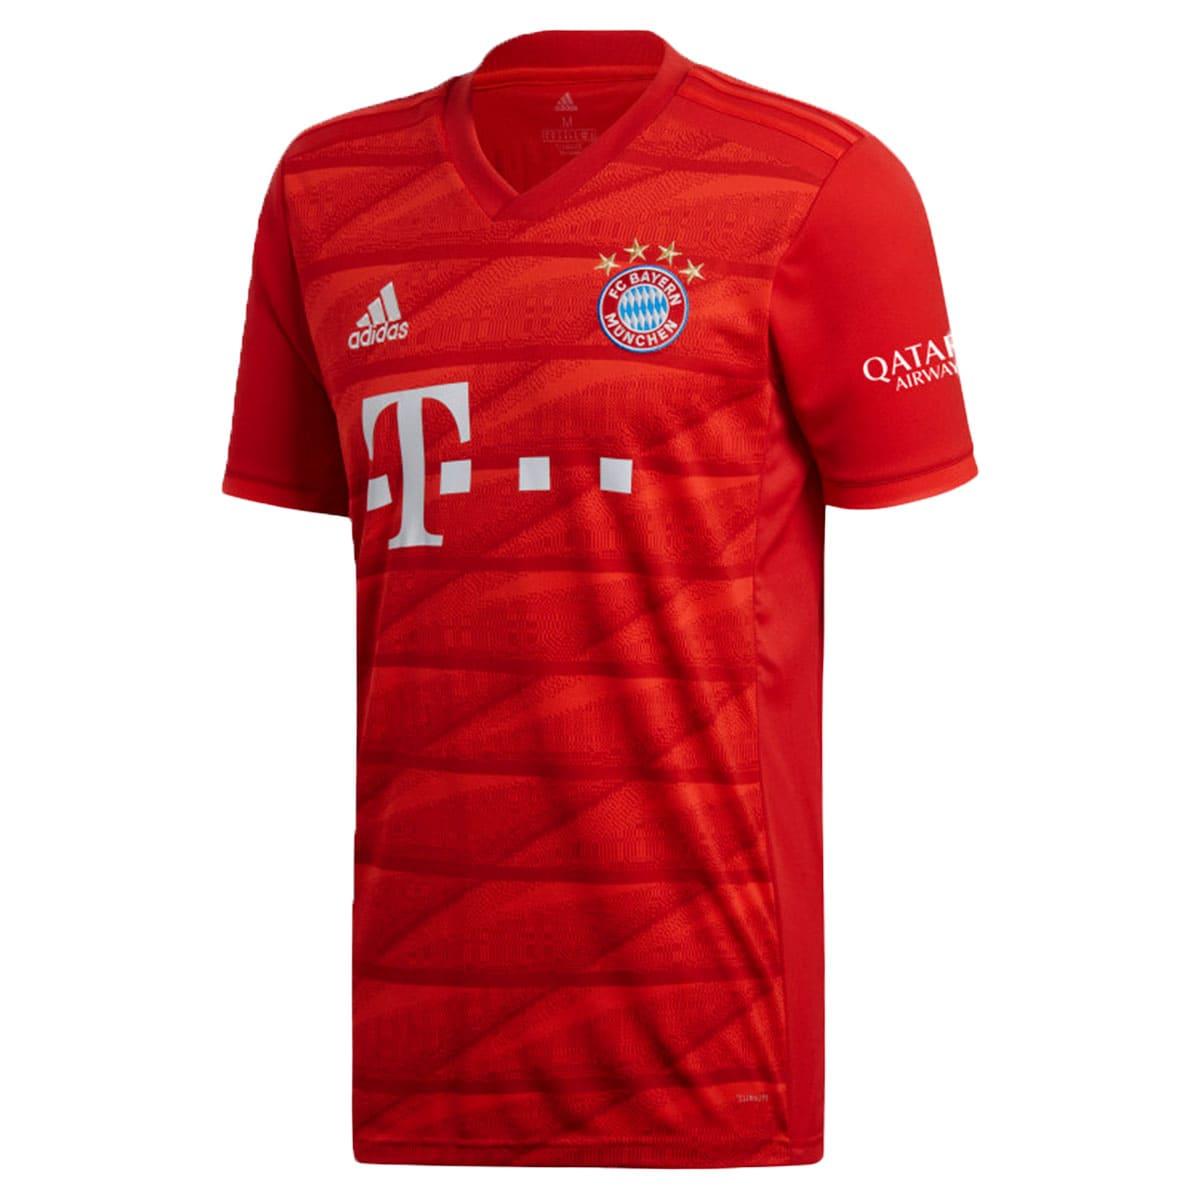 Camisa Bayern de Munique Adidas Of. I 19/20 - Vermelho